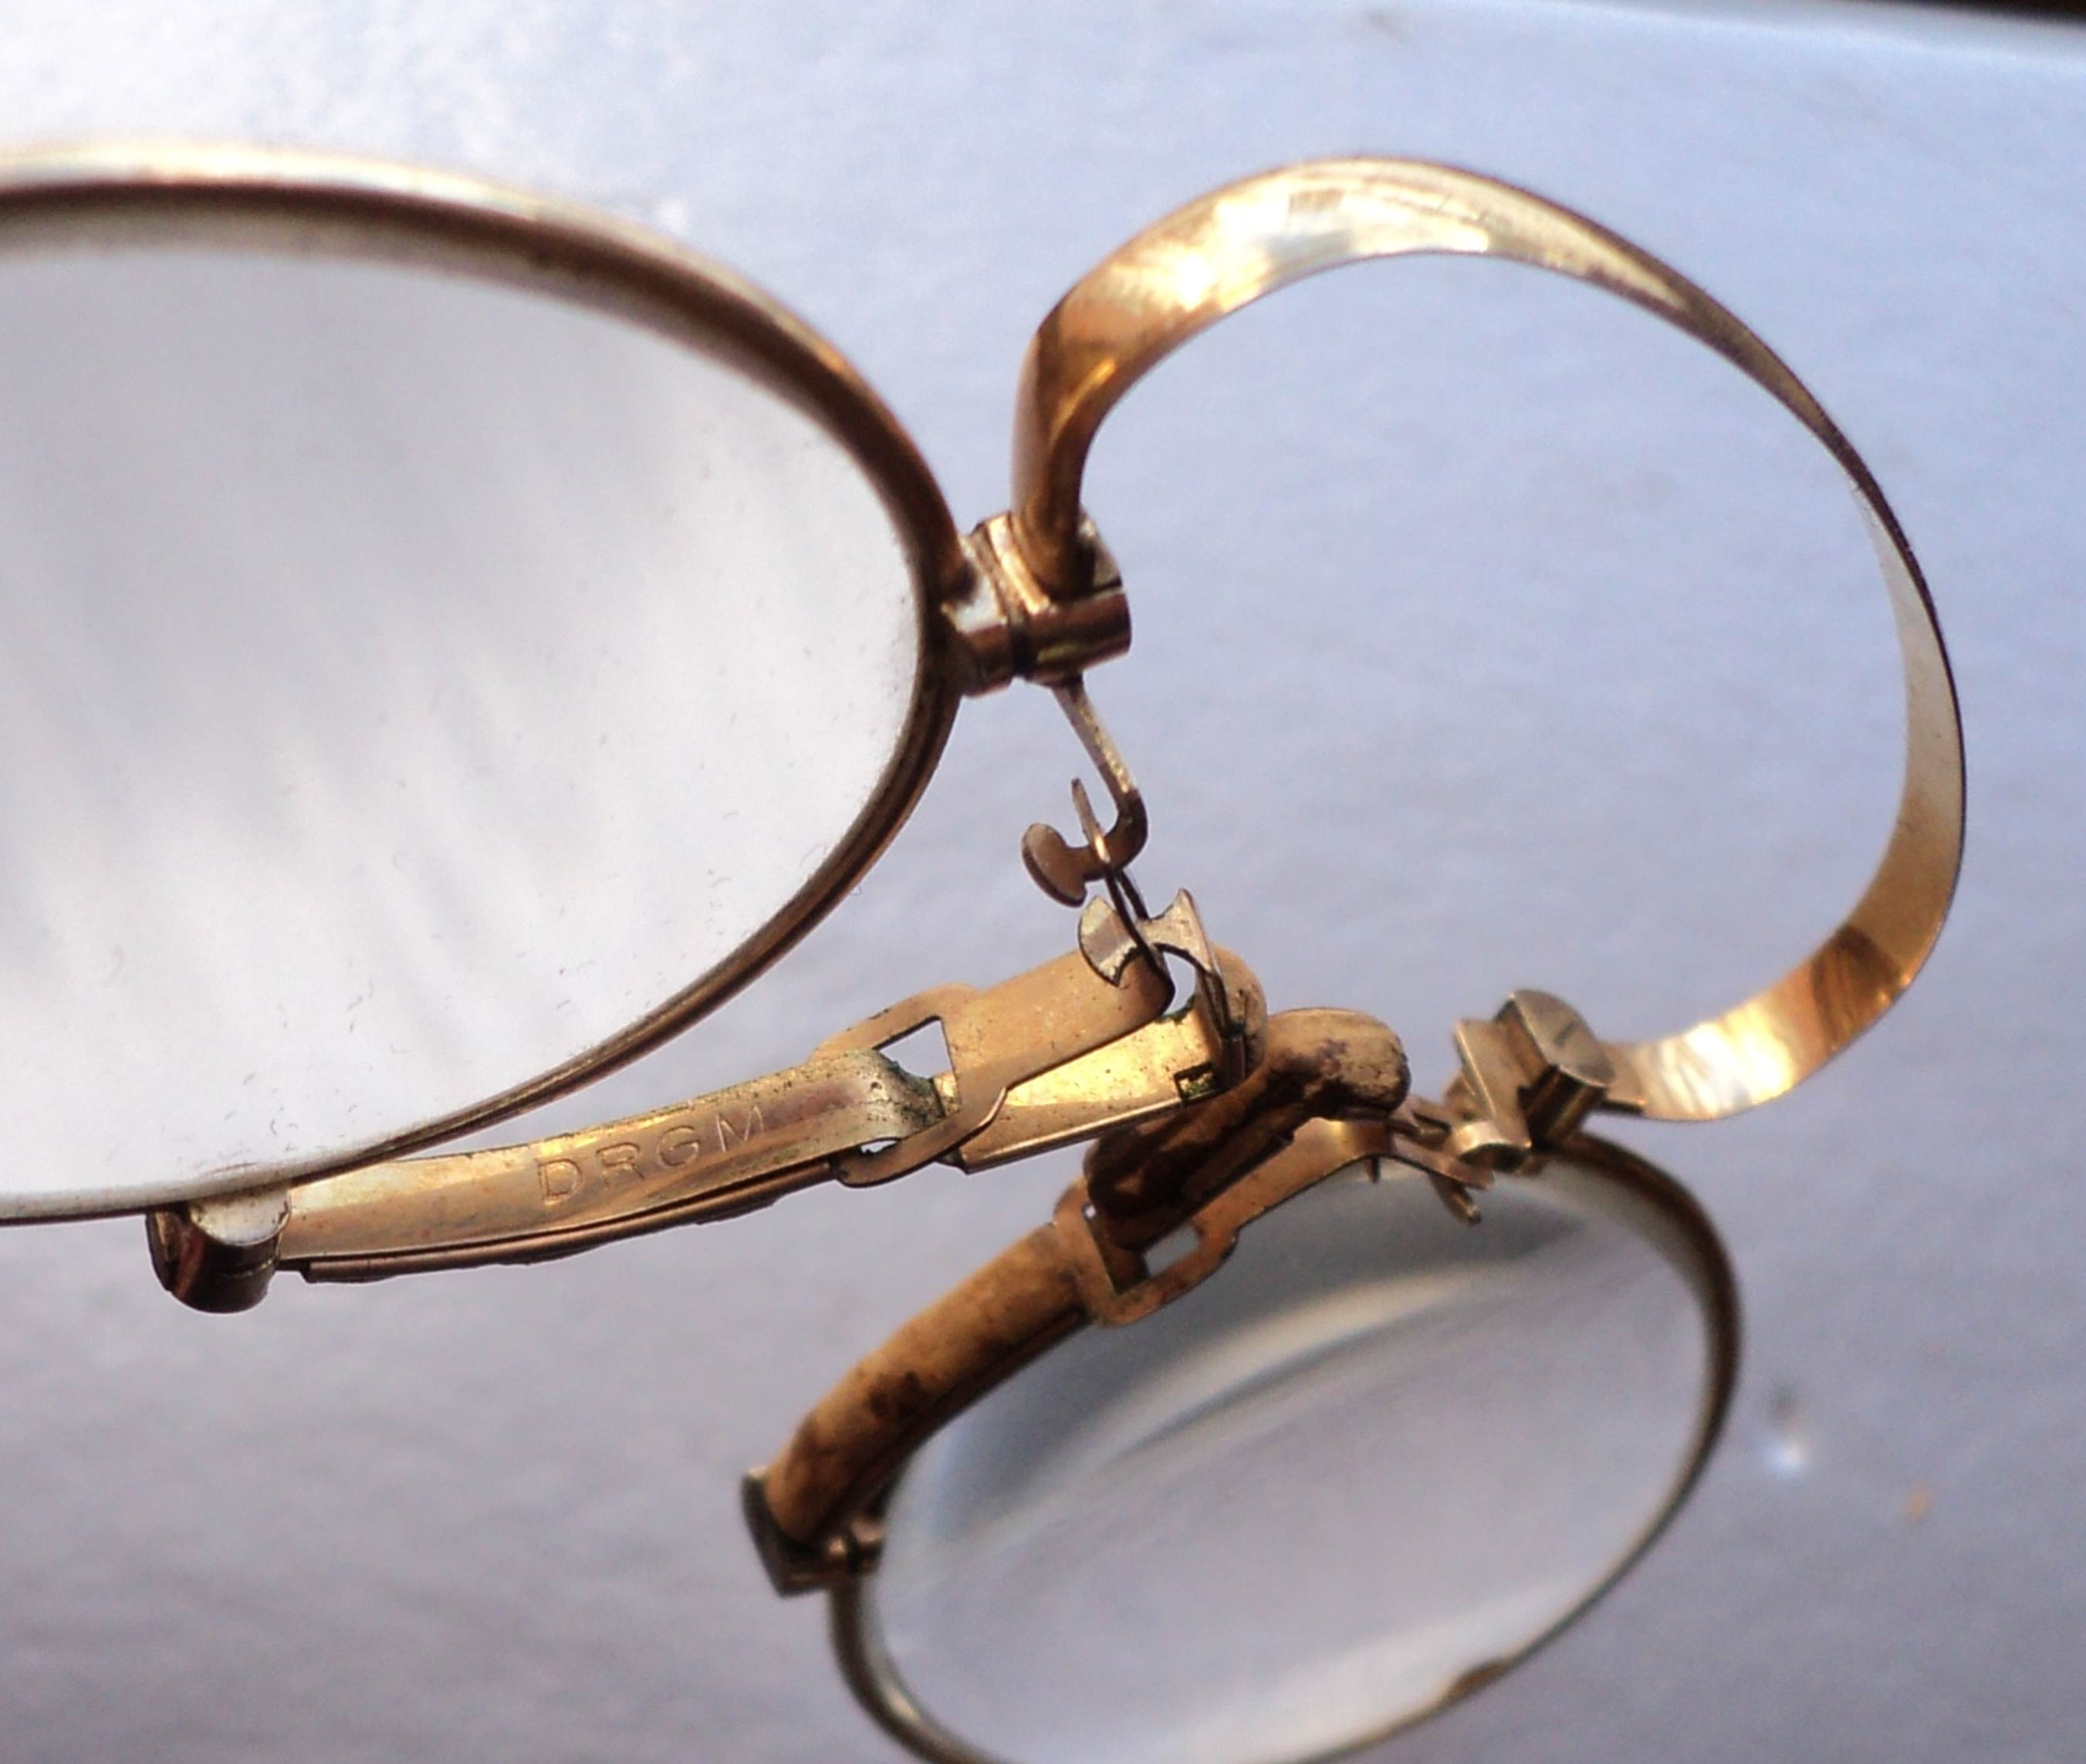 Пенсне в золотой оправе — википедия. что такое пенсне в золотой оправе